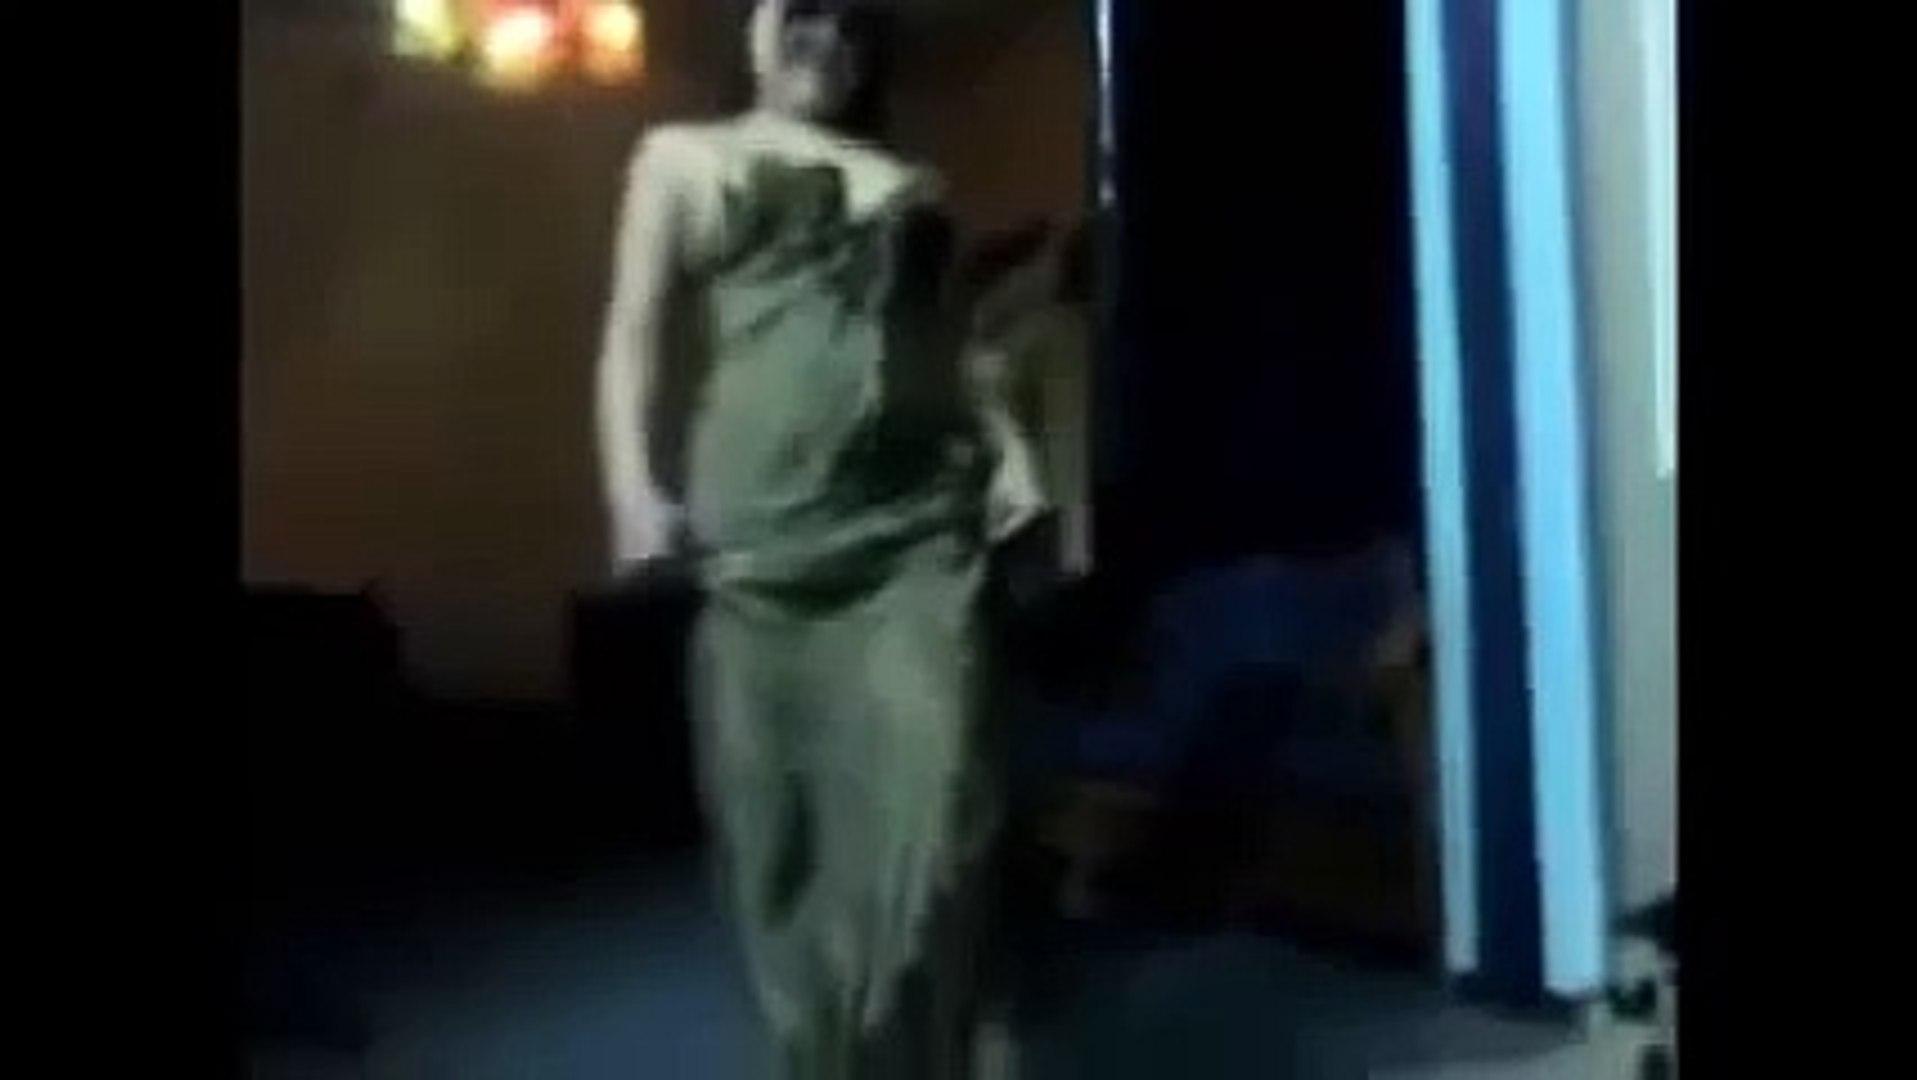 رقص كيك اثارة جنسية, رقص معلايه عاري ء, رقص كيك keek, كيك مؤخرة جامدة, رقص خليجي بدون ملابس دا خلية